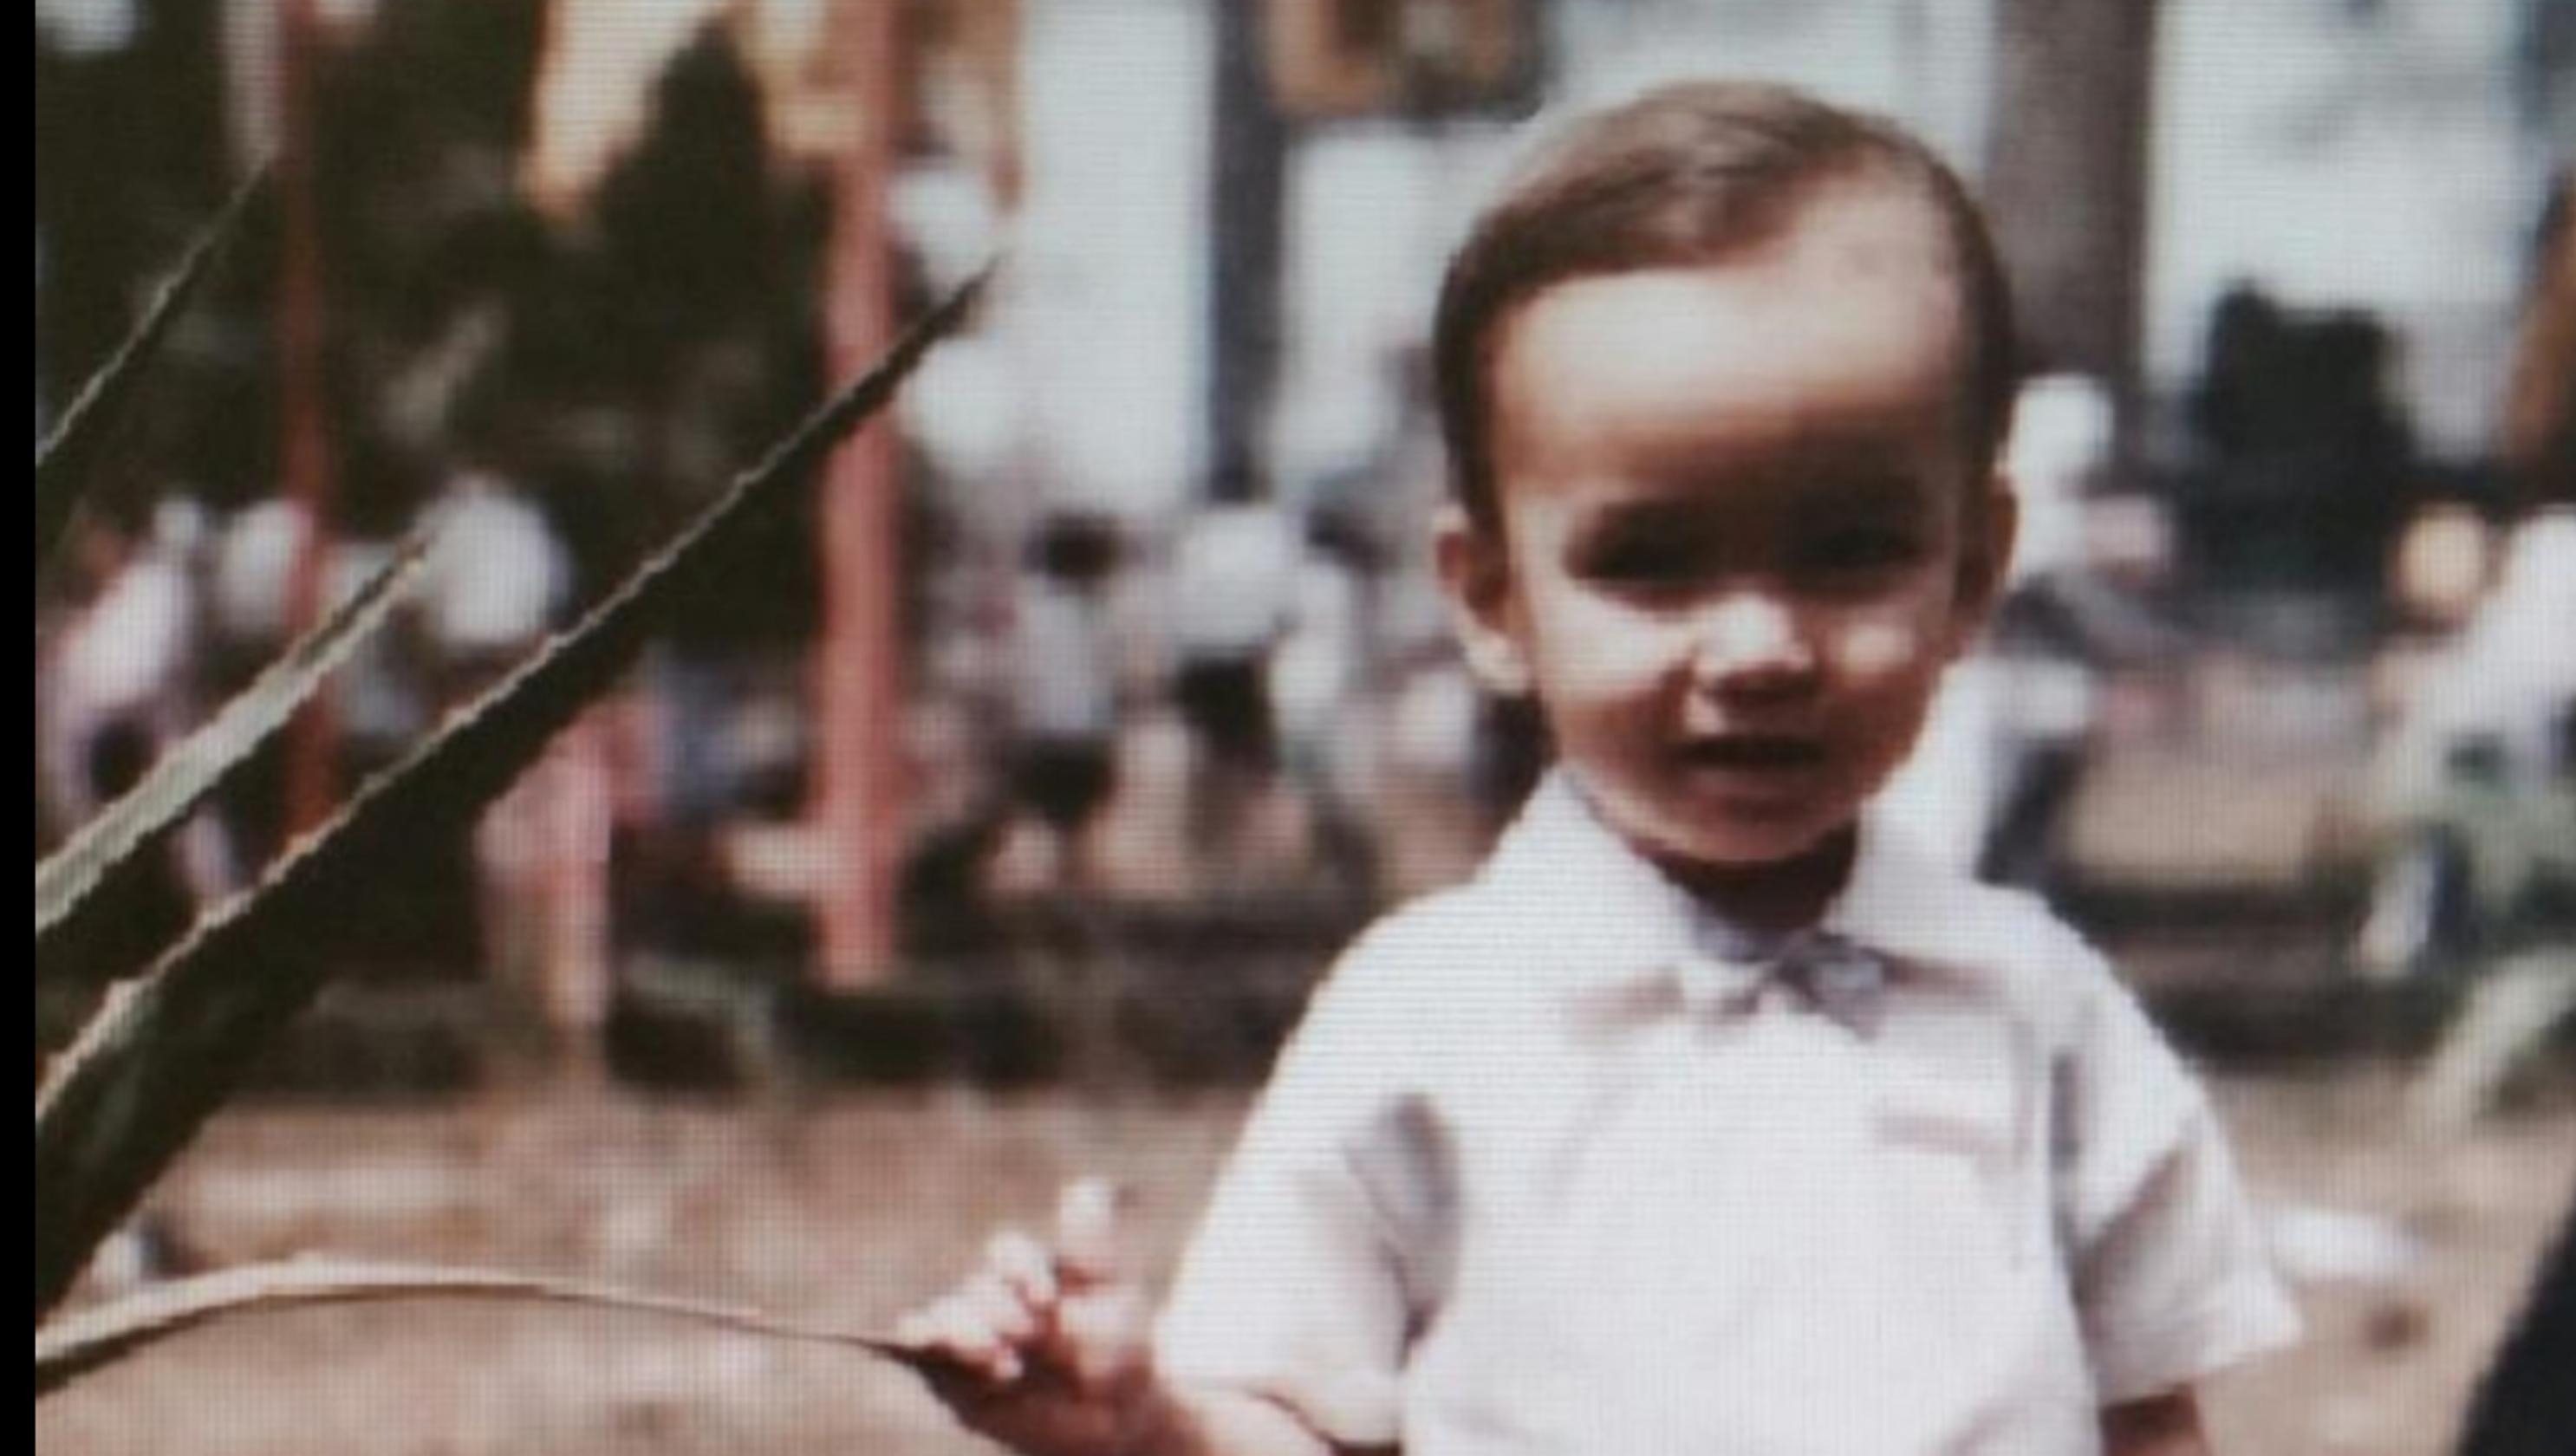 b8c1ee210 Tennessee Vietnam veteran meets Vietnamese-American son after 50 years